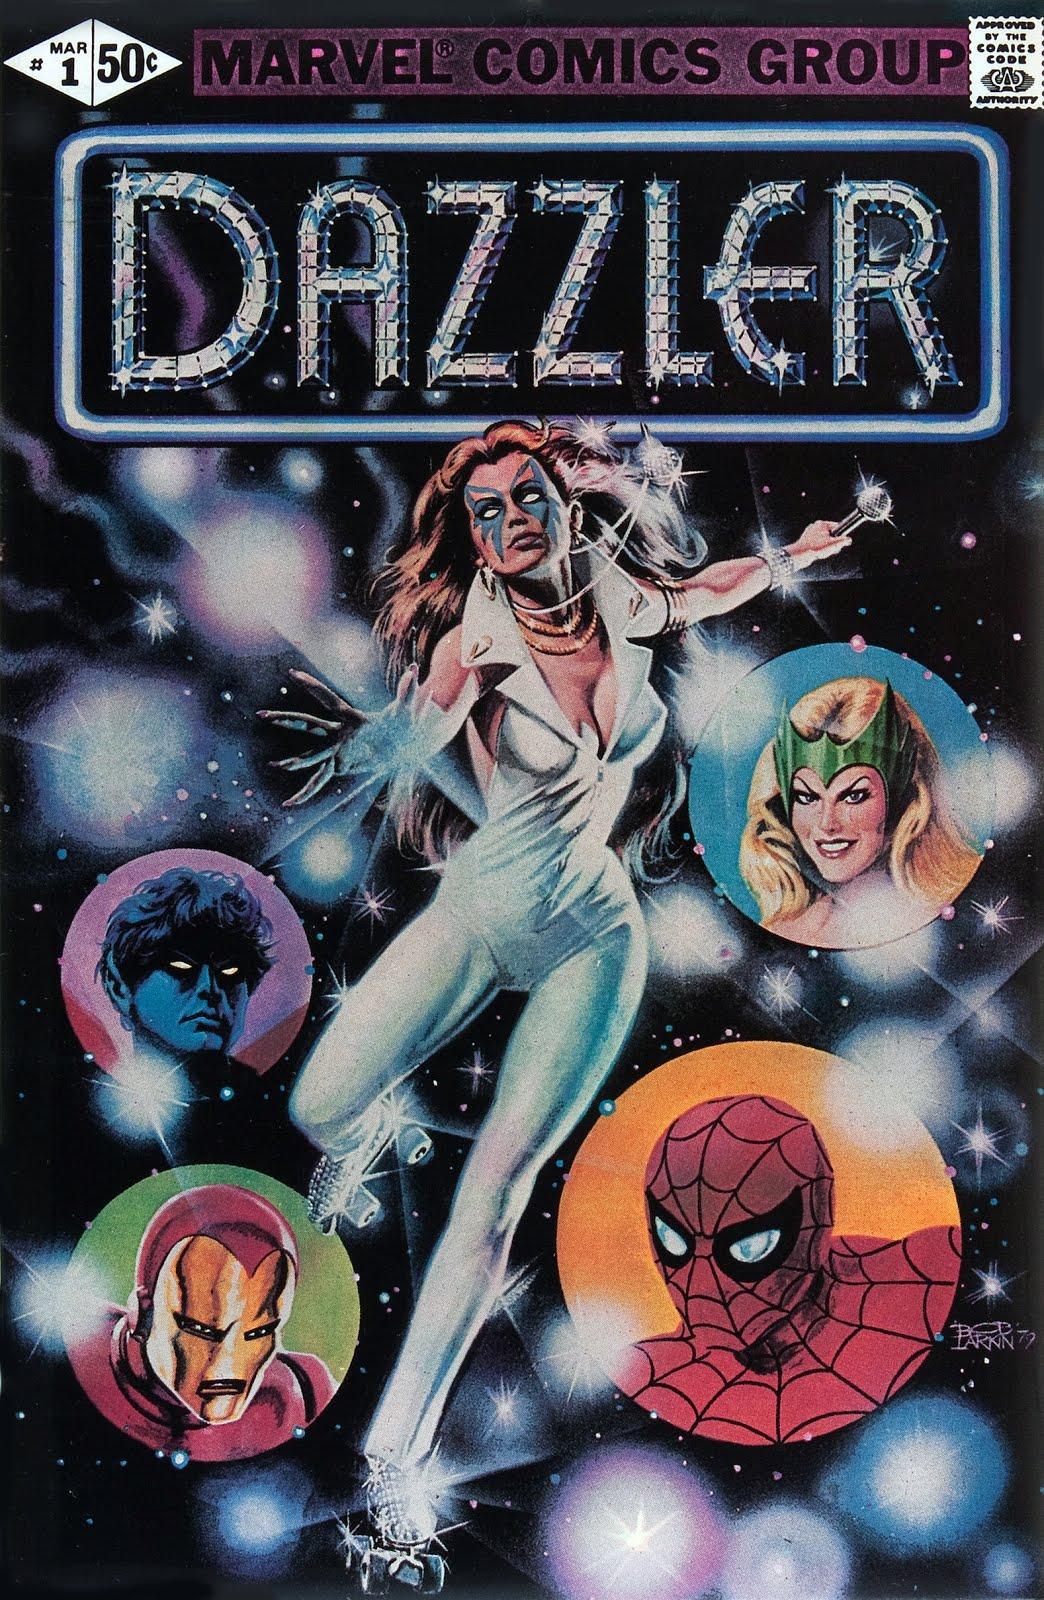 http://1.bp.blogspot.com/-W8nXnzx4_SU/UHy7ojmQ_nI/AAAAAAAAMlE/MLeXEdbgD7g/s1600/1981_Dazzler1.jpg